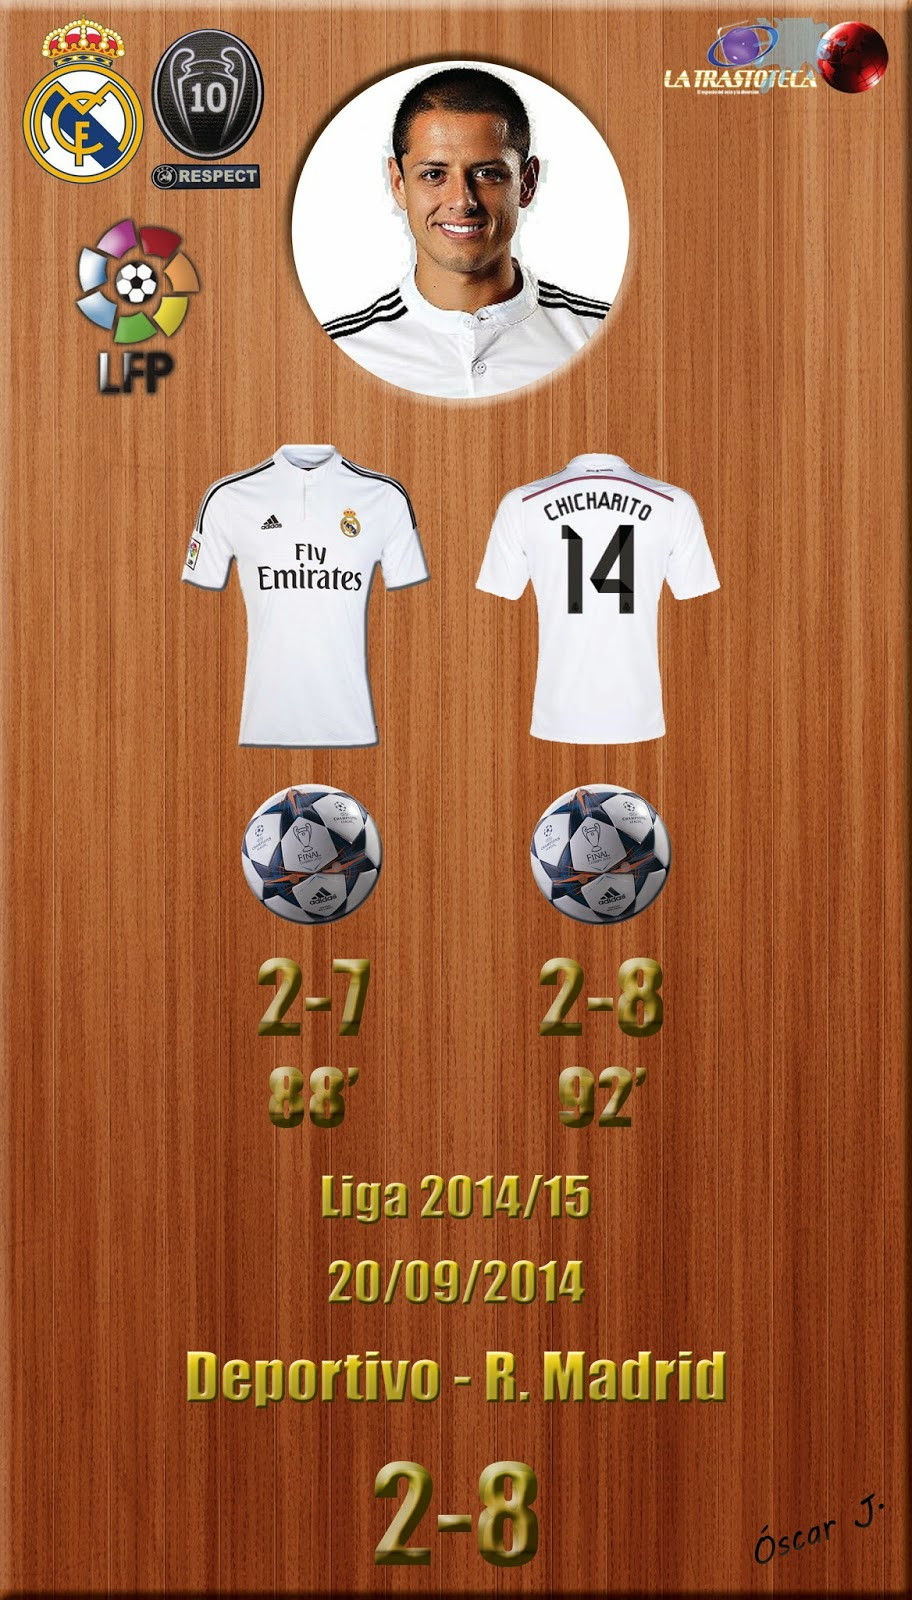 Chicharito (Un Doblete de todo un Crack del fútbol) - Liga 2014/15. Jornada 4 (20/09/2014)